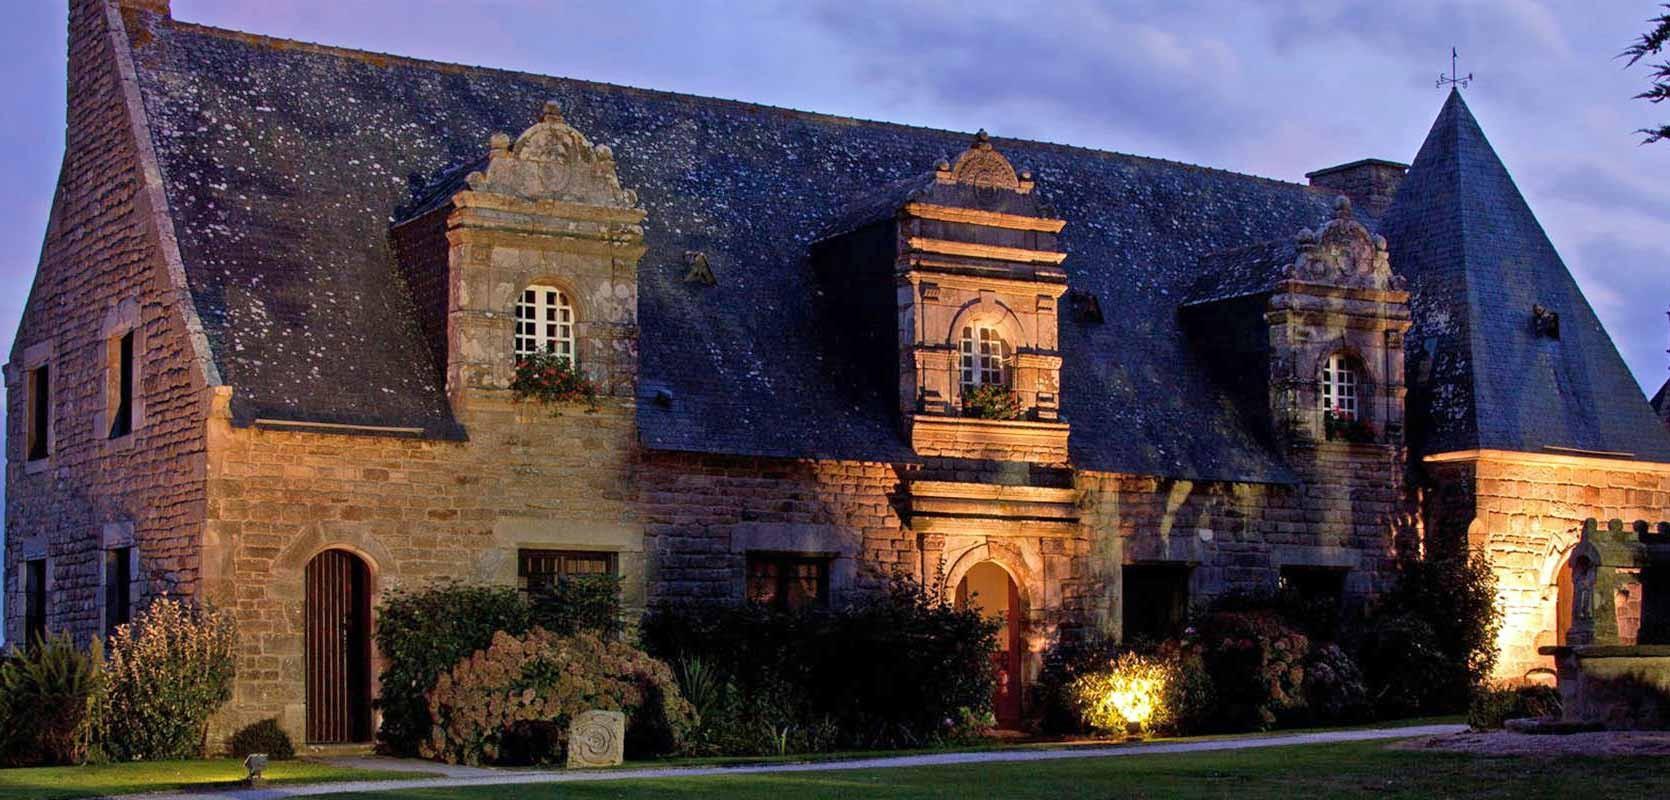 Le manoir Renaissance de nuit - Crédit photo : Domaine Rochevilaine